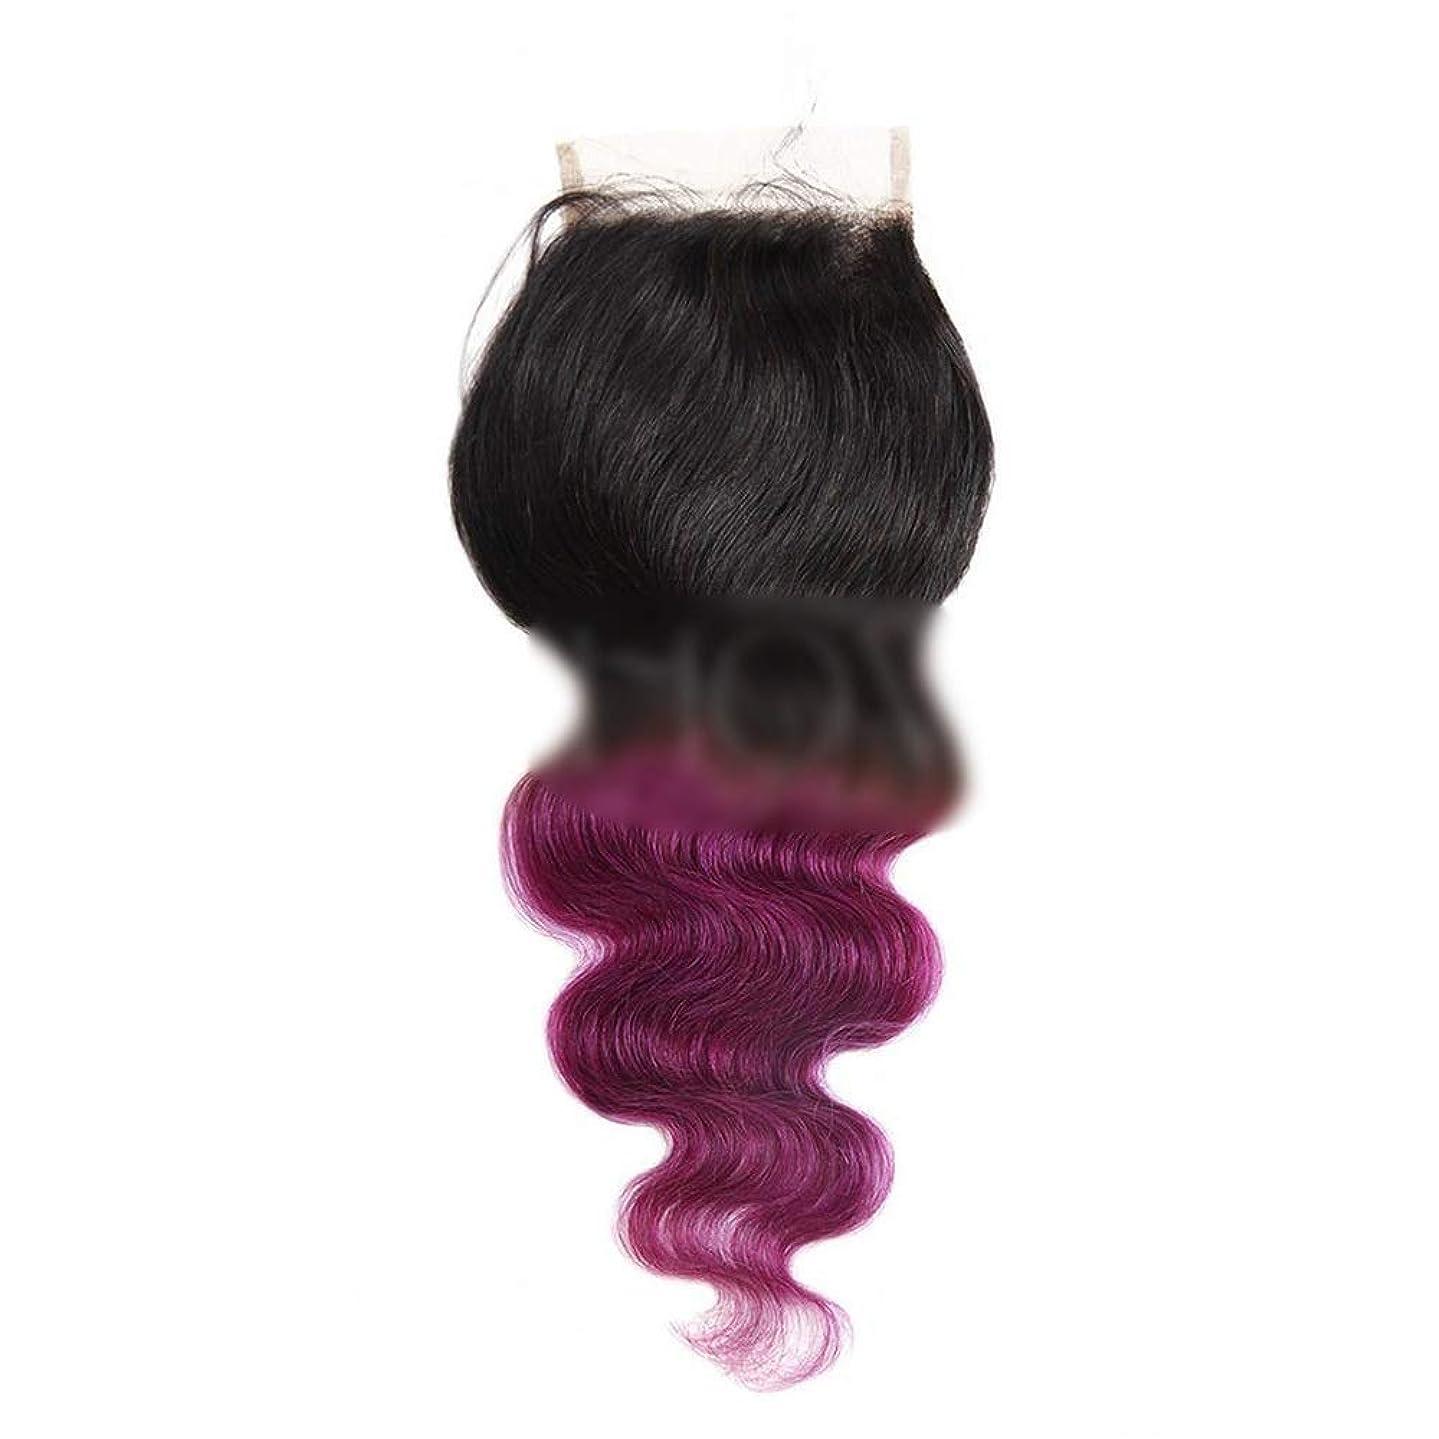 家畜明るい自由BOBIDYEE オンブルヘアエクステンションブラジルの髪の実体波1閉鎖と髪の束 - T1B /パープル2トーンカラー(12